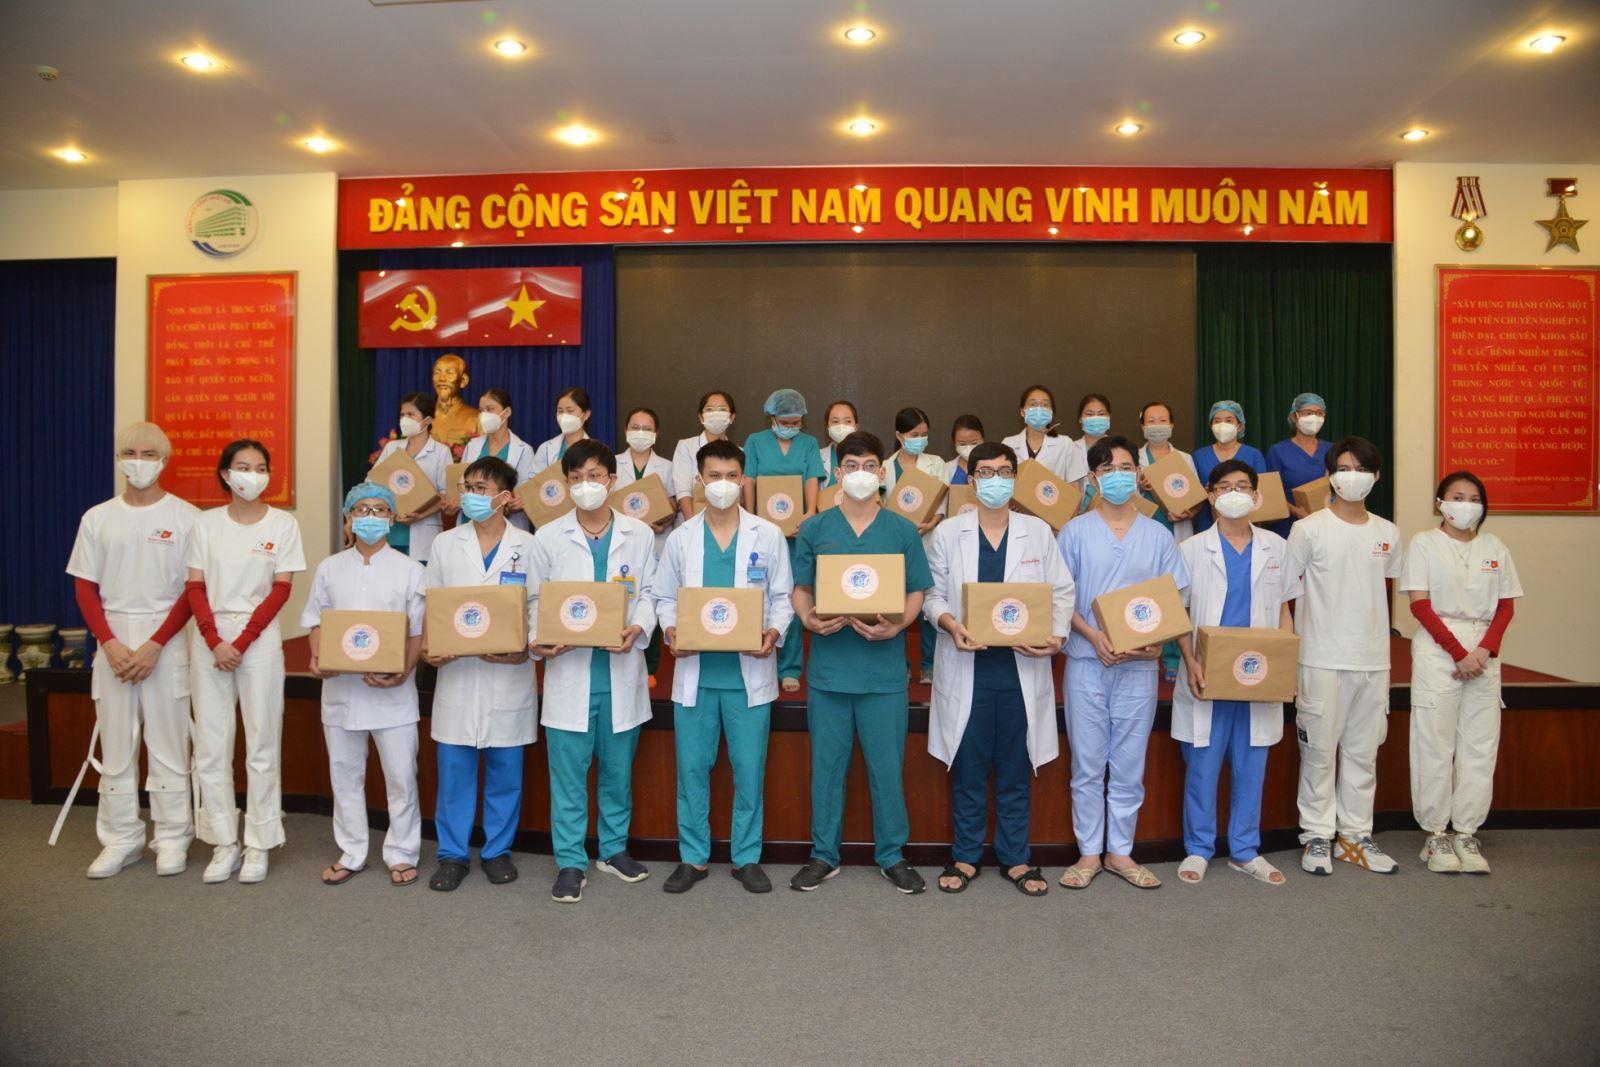 Các đơn vị, đoàn thể 'tiếp sức' cho đội ngũ y, bác sĩ tuyến đầu chống dịch tại TP Hồ Chí Minh - Ảnh 8.